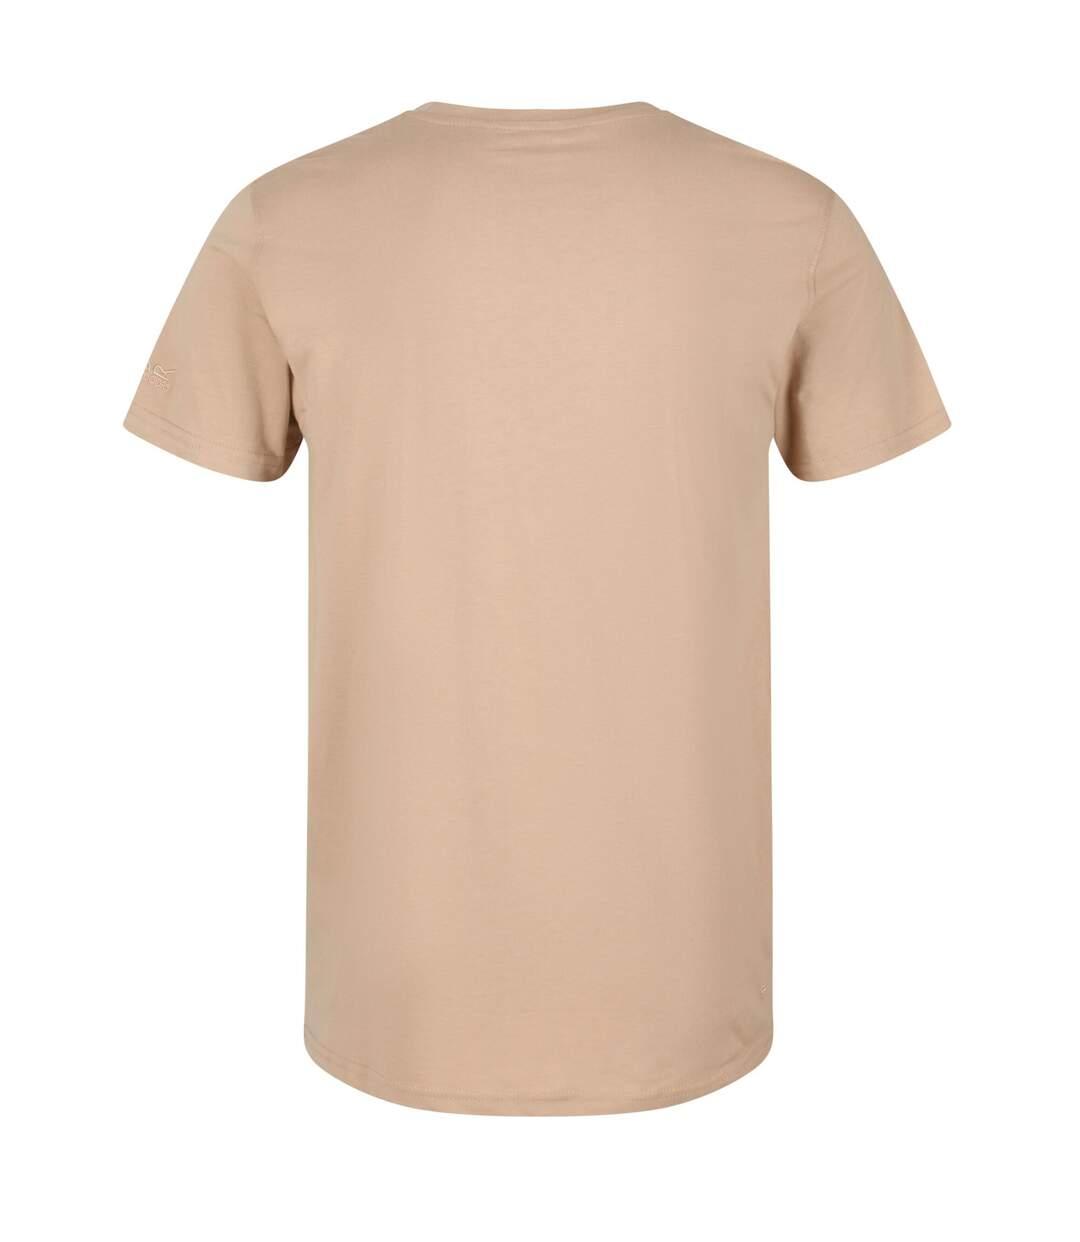 Regatta Mens Cline IV Graphic T-Shirt (Powder Blue) - UTRG4920